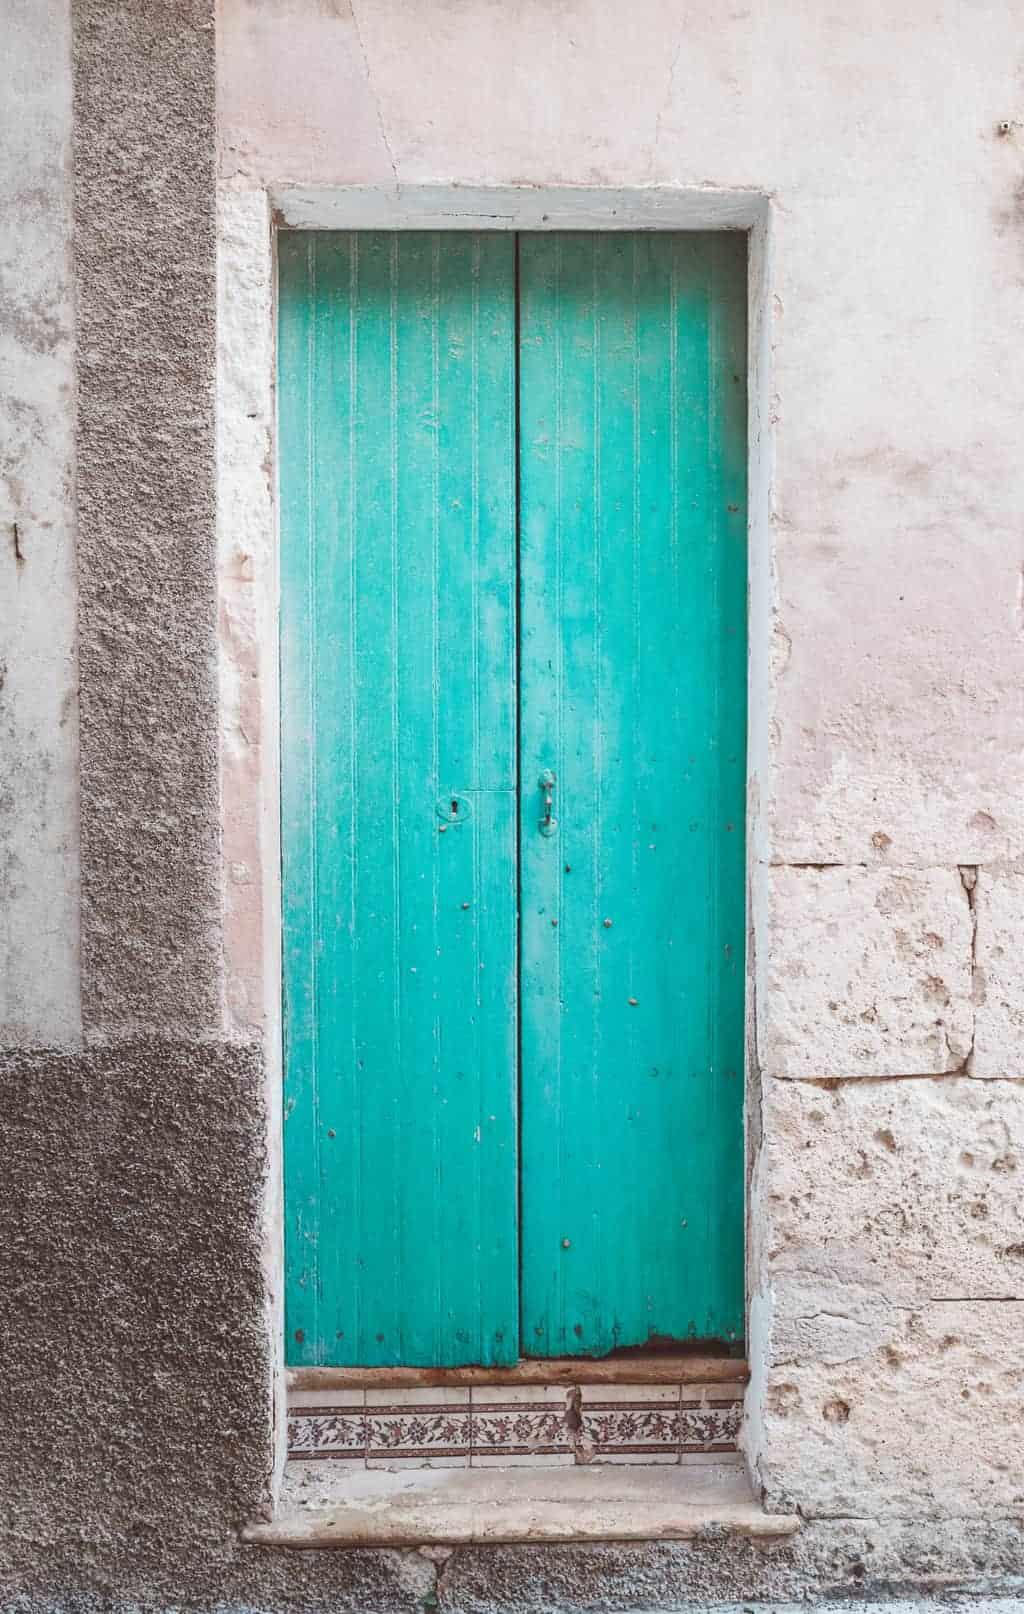 Village doors in Mallorca, Spain